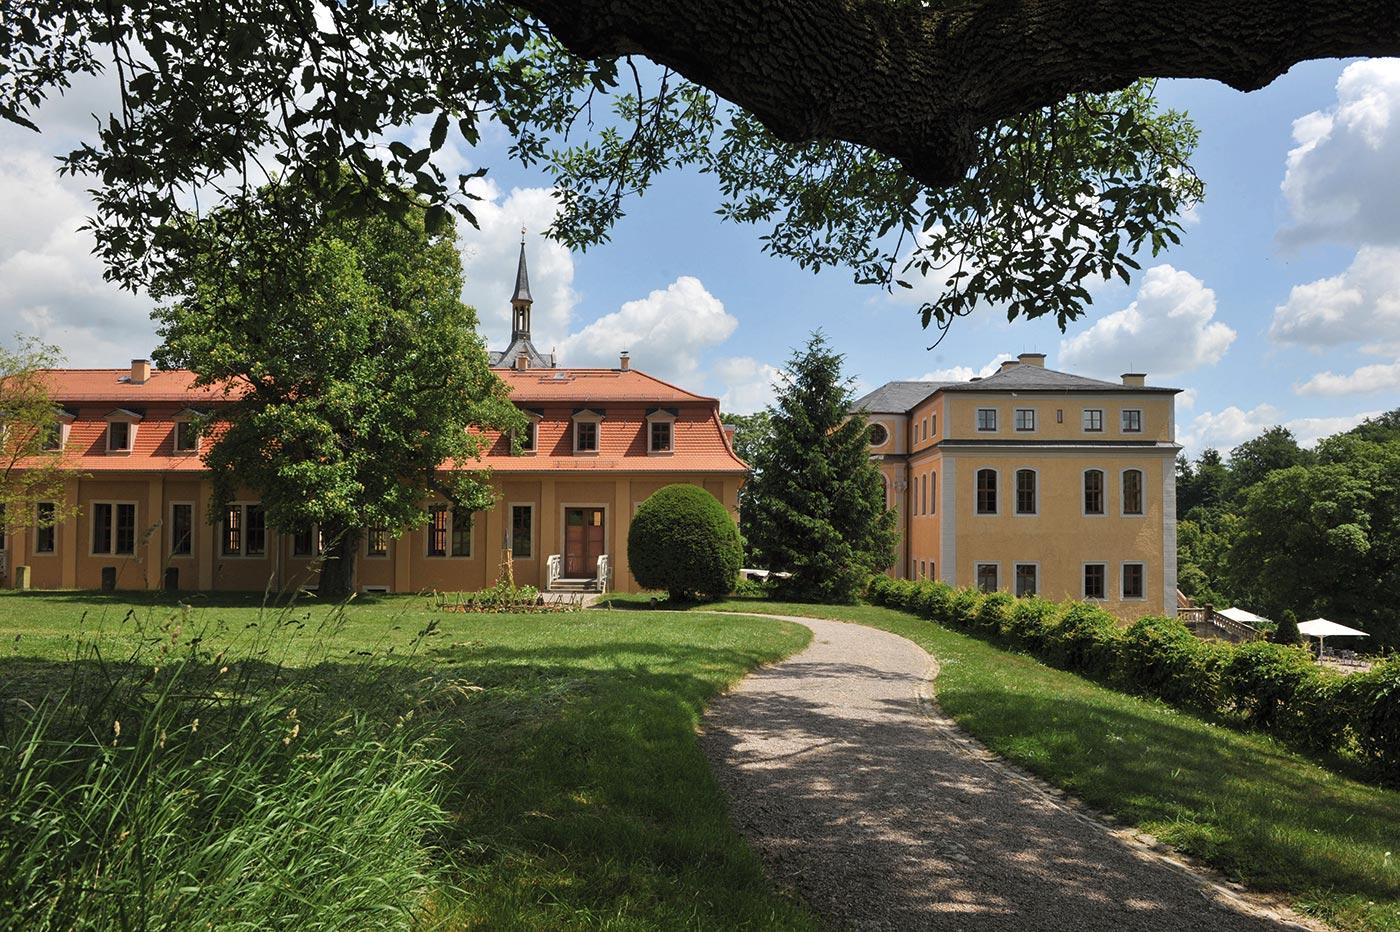 Schloss Ettersburg in Ettersburg